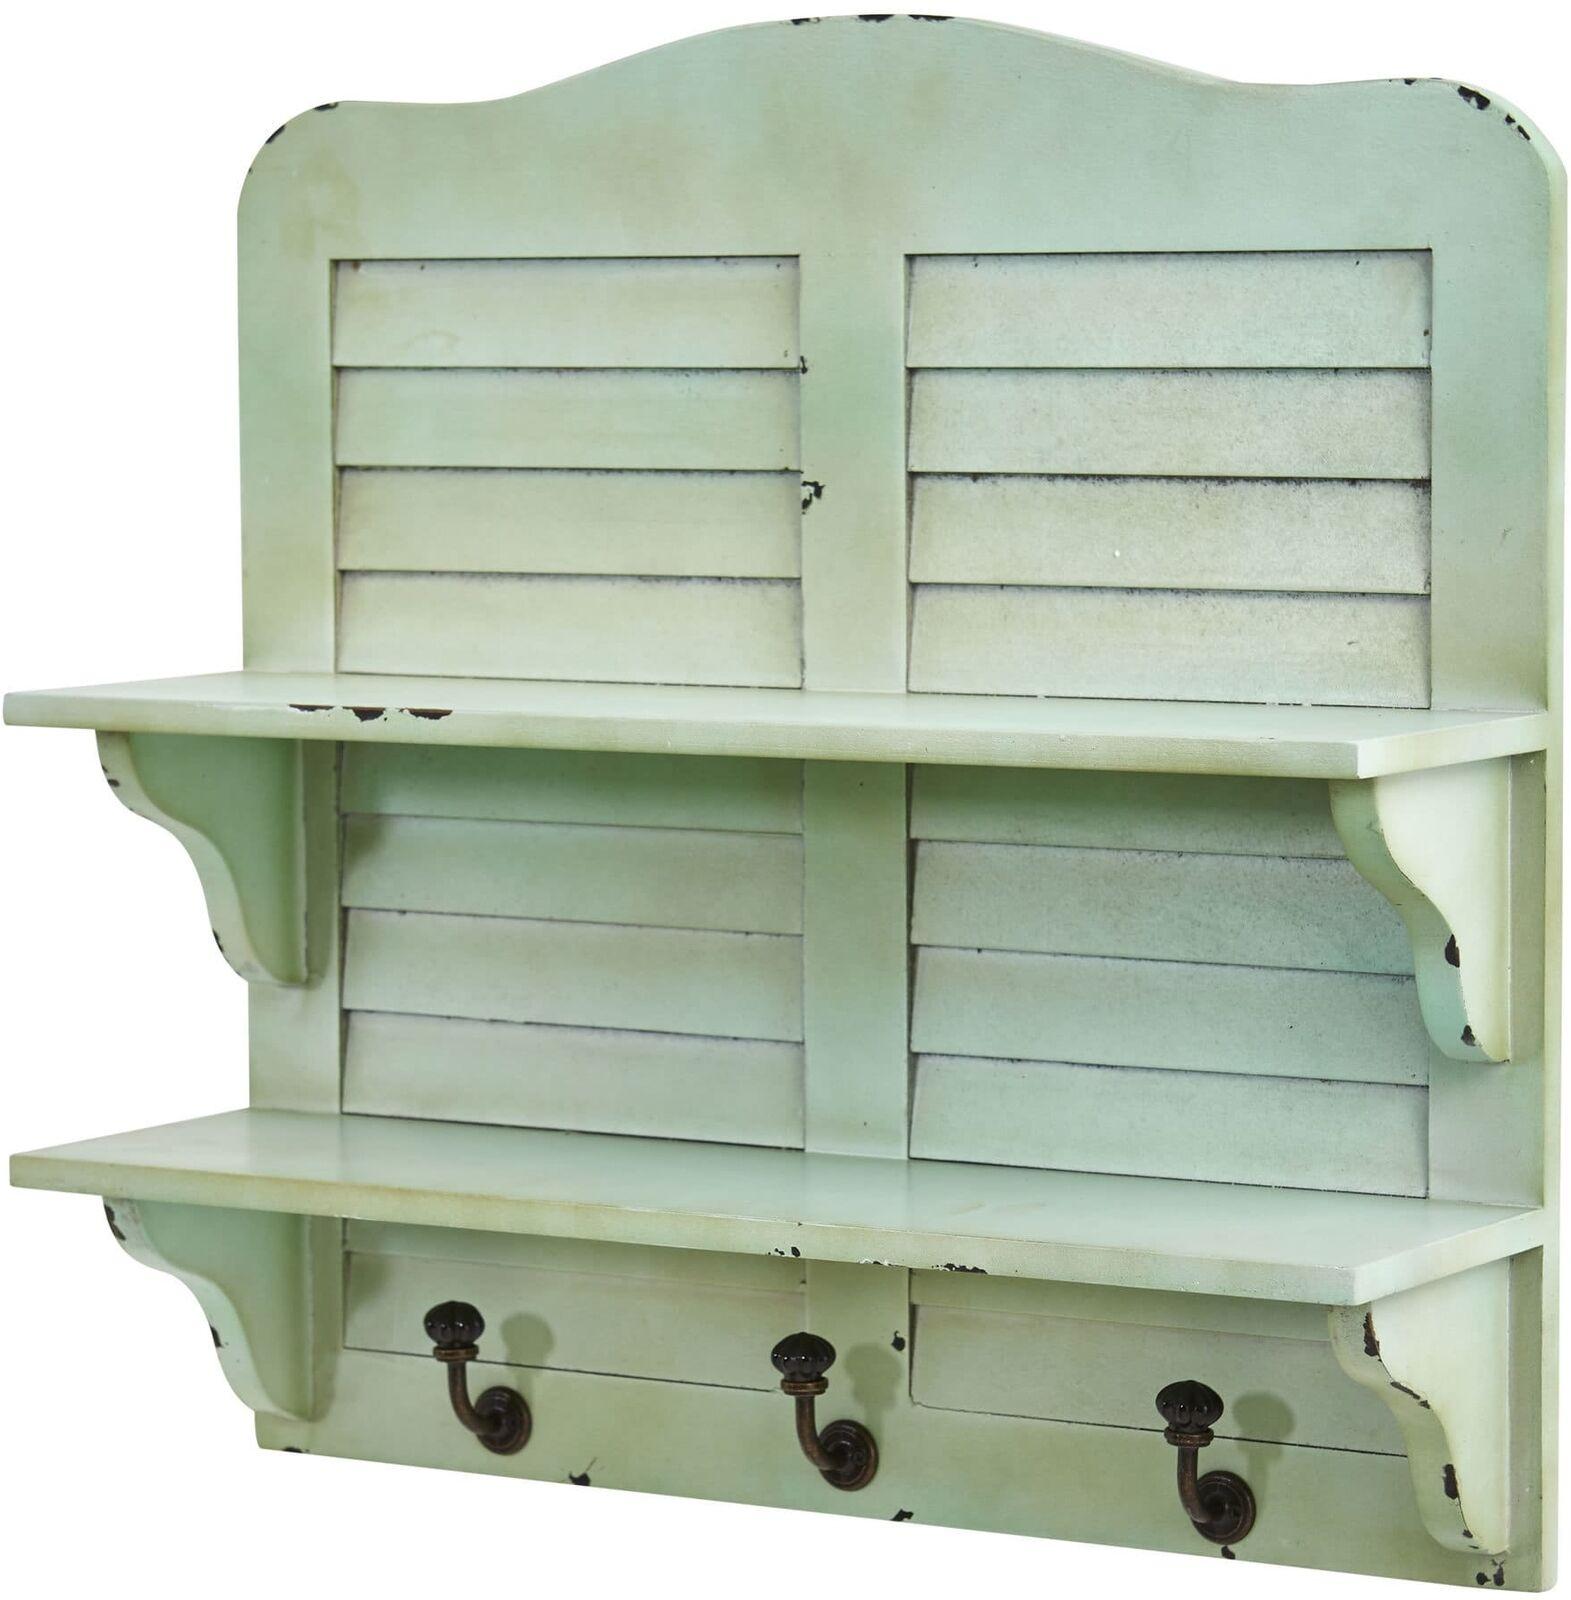 Vintage Retro Green Wall Shelf Distressed Rustic Faux Window Shutters W Hooks